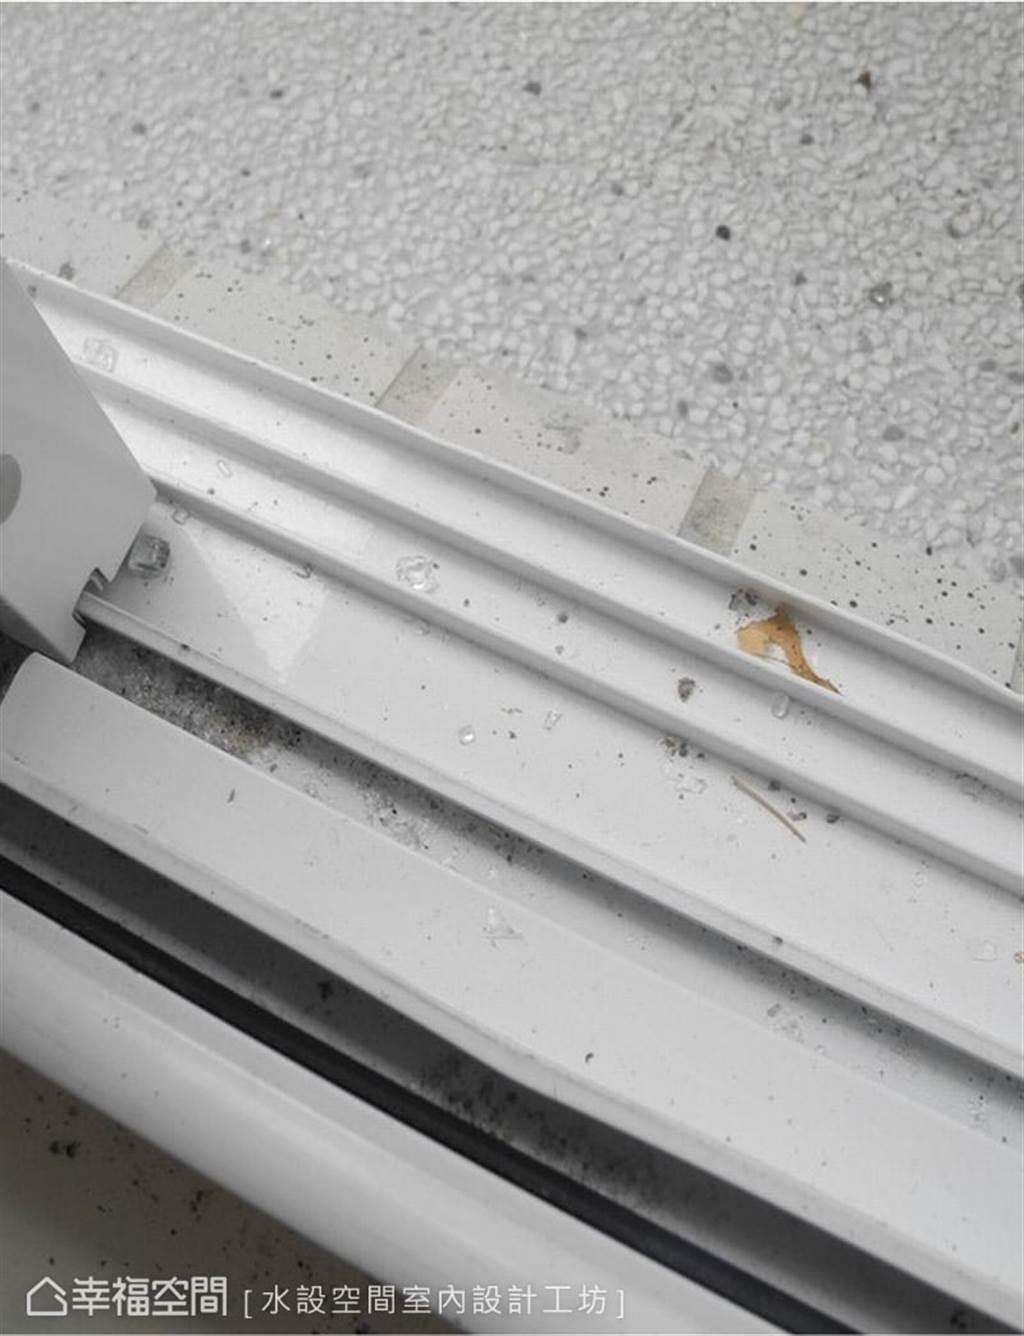 ▲窗軌因意外擠壓而變形,只要經過簡單調整就能完好如初。(圖片來源/水設空間室內設計工坊)